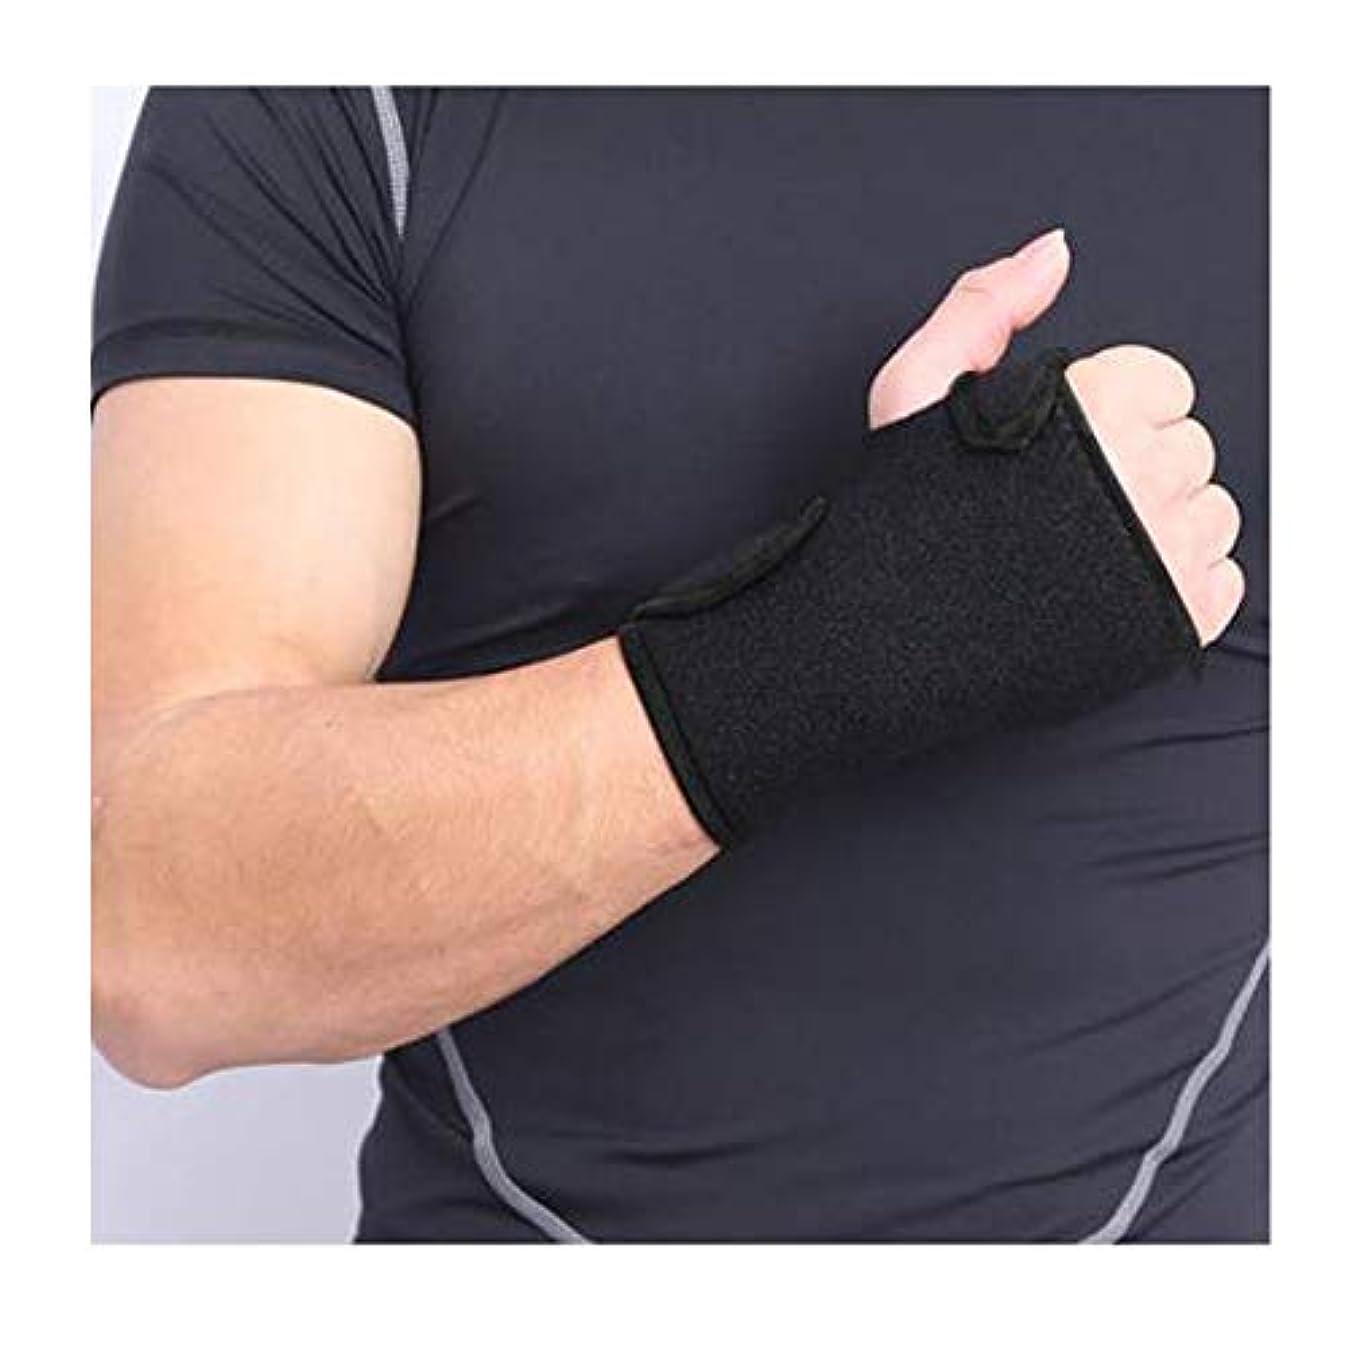 援助する排除するファイバ弾性手首サポート添え木ブレース、手根管、腱炎および捻tunnel用に設計された医師、手根管用クッション付き軽量スプリント,Lefthand